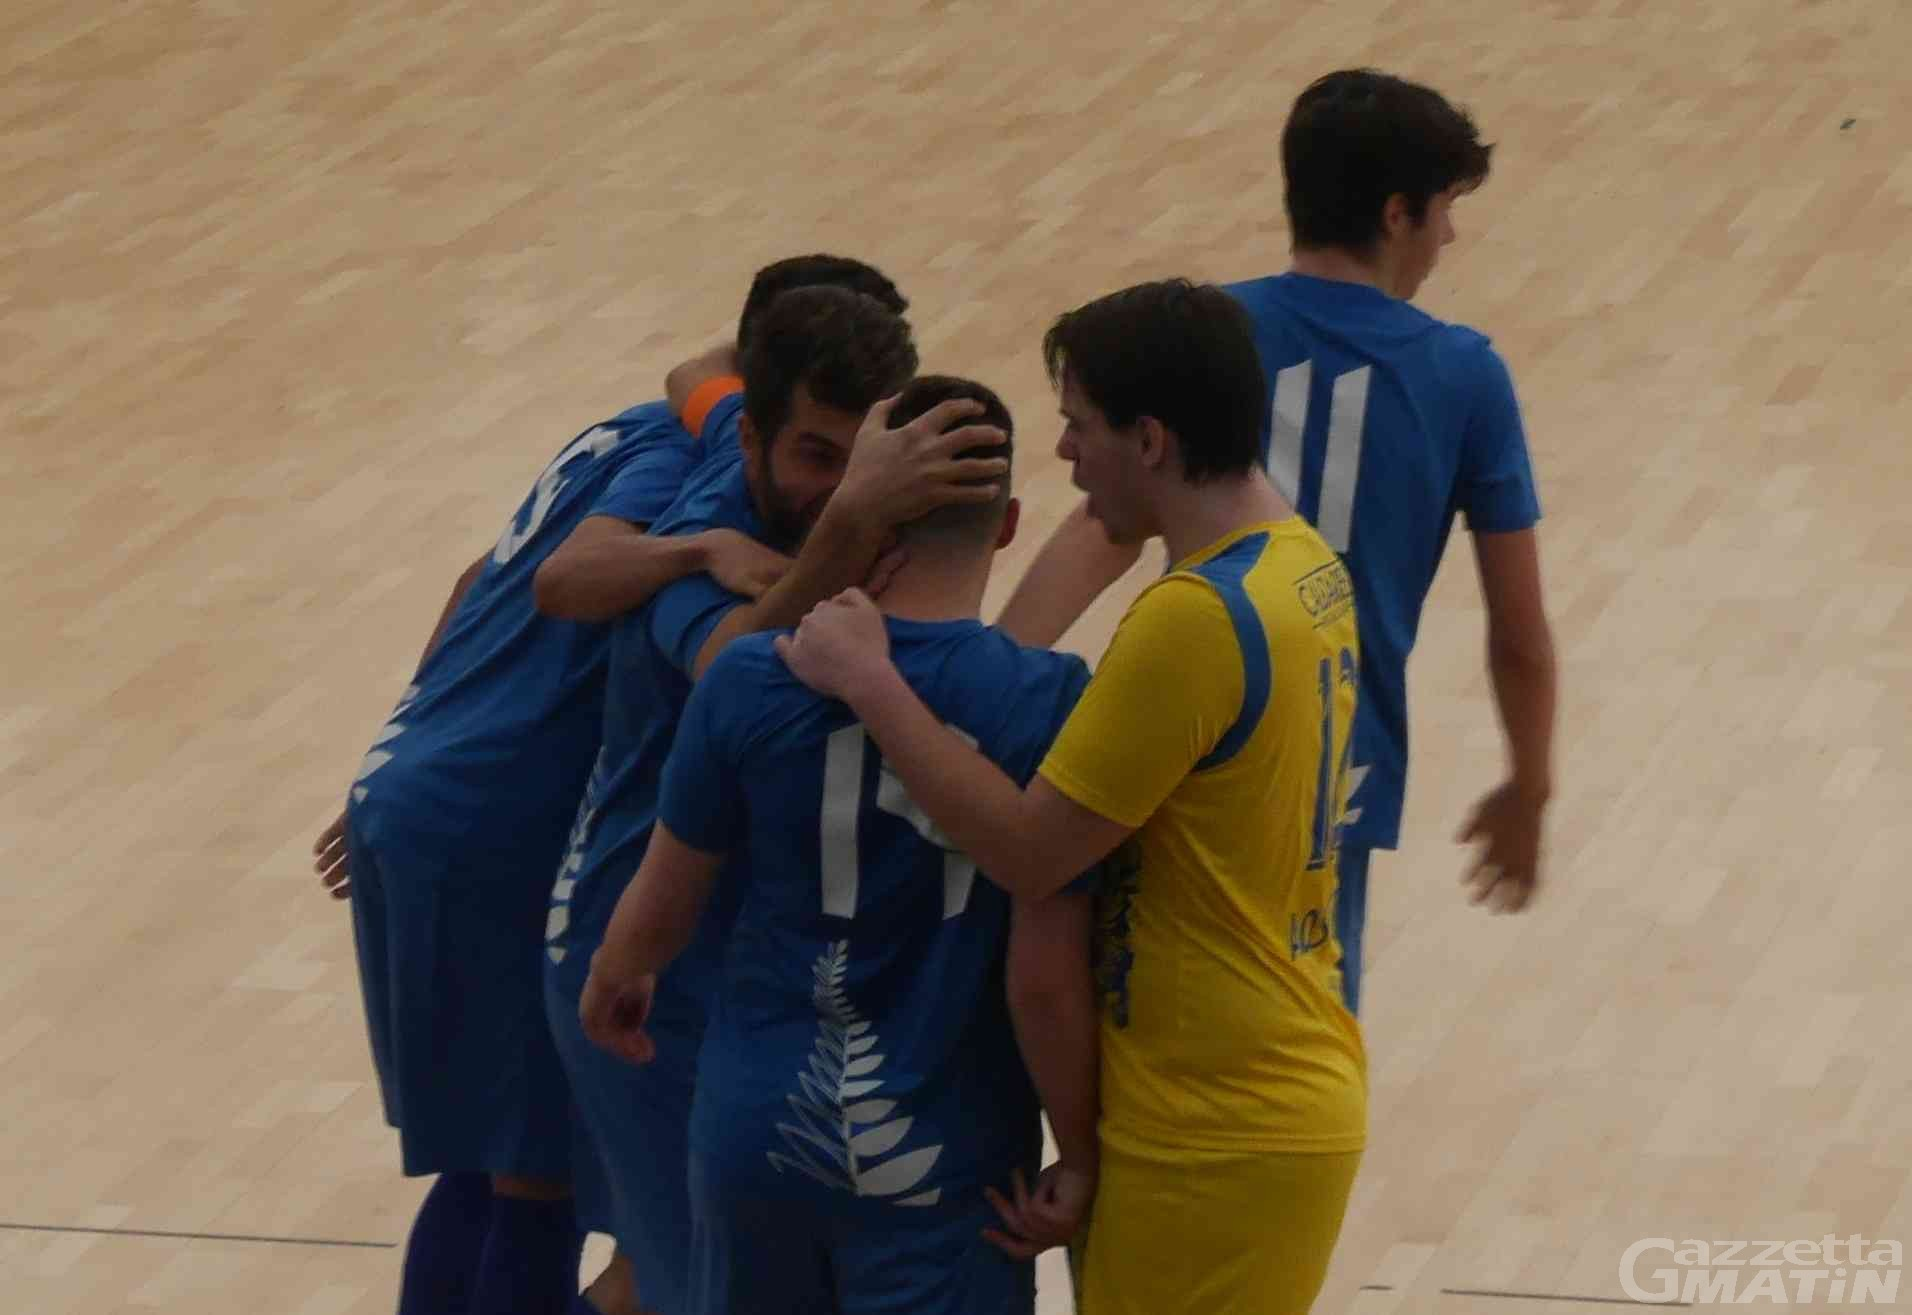 Calcio a 5: l'Aosta Calcio 511 avanza in Coppa della Divisione